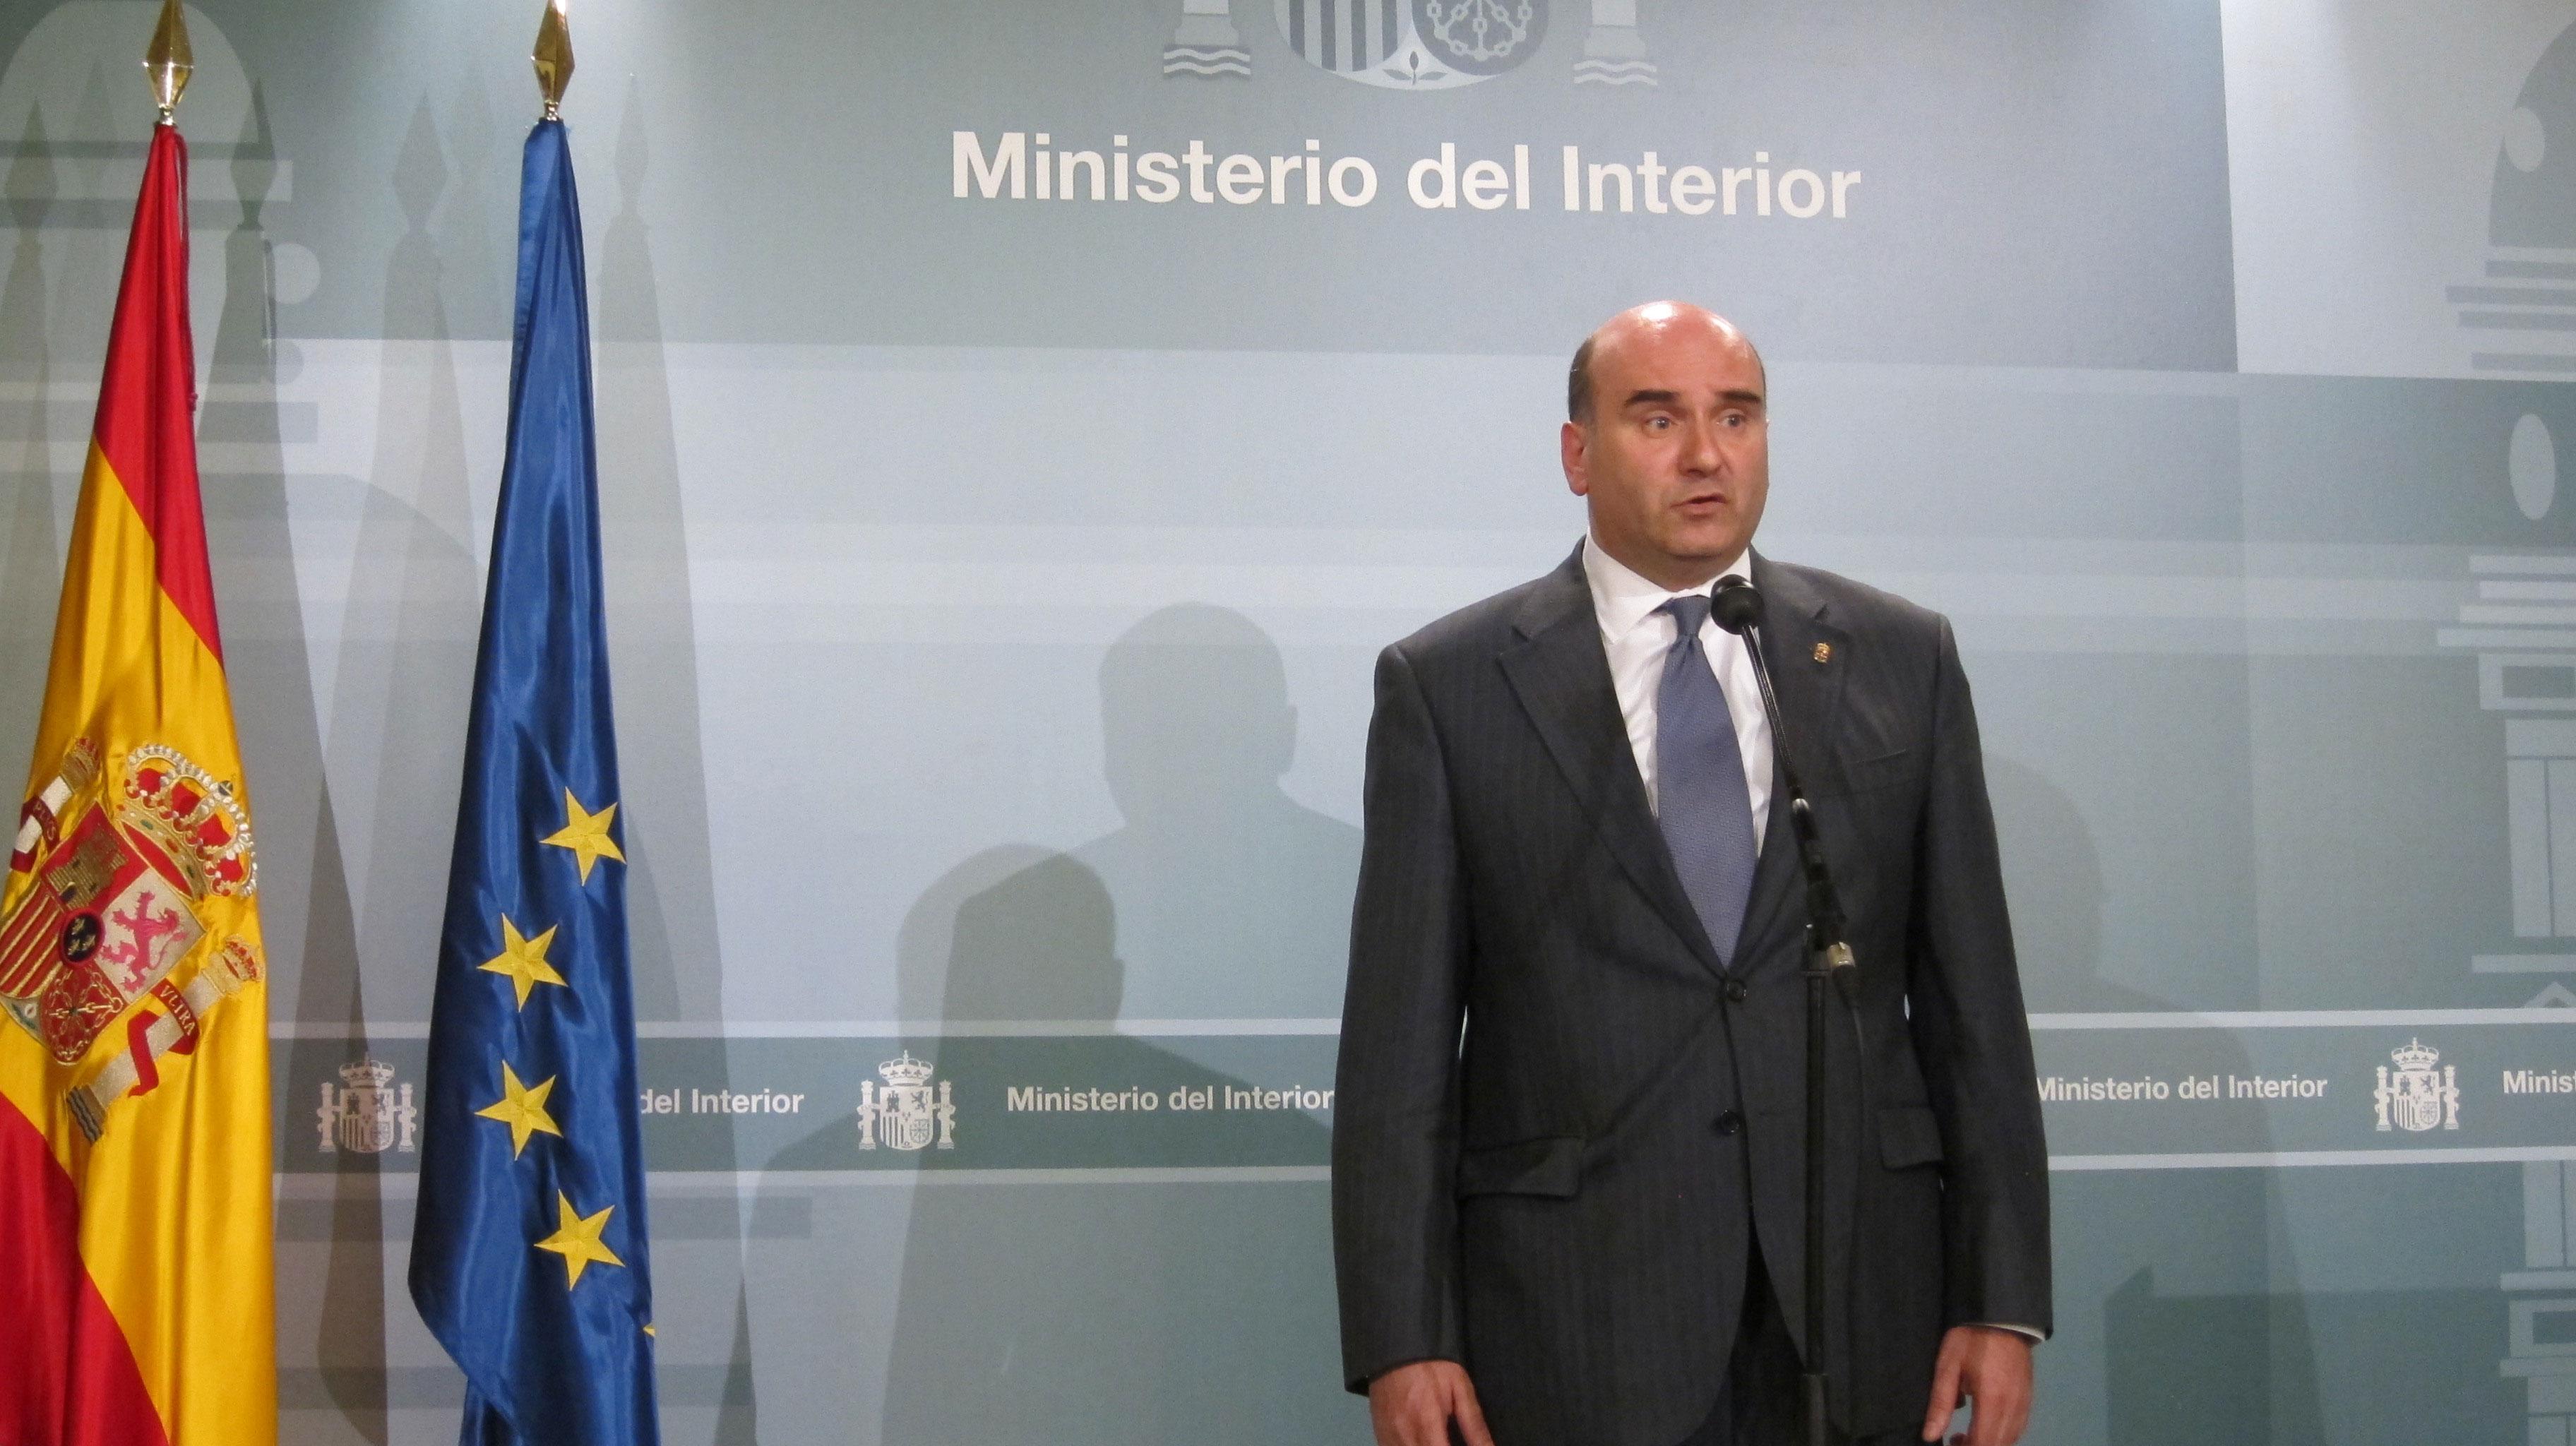 El gobierno de navarra y el ministerio del interior se for El ministerio del interior